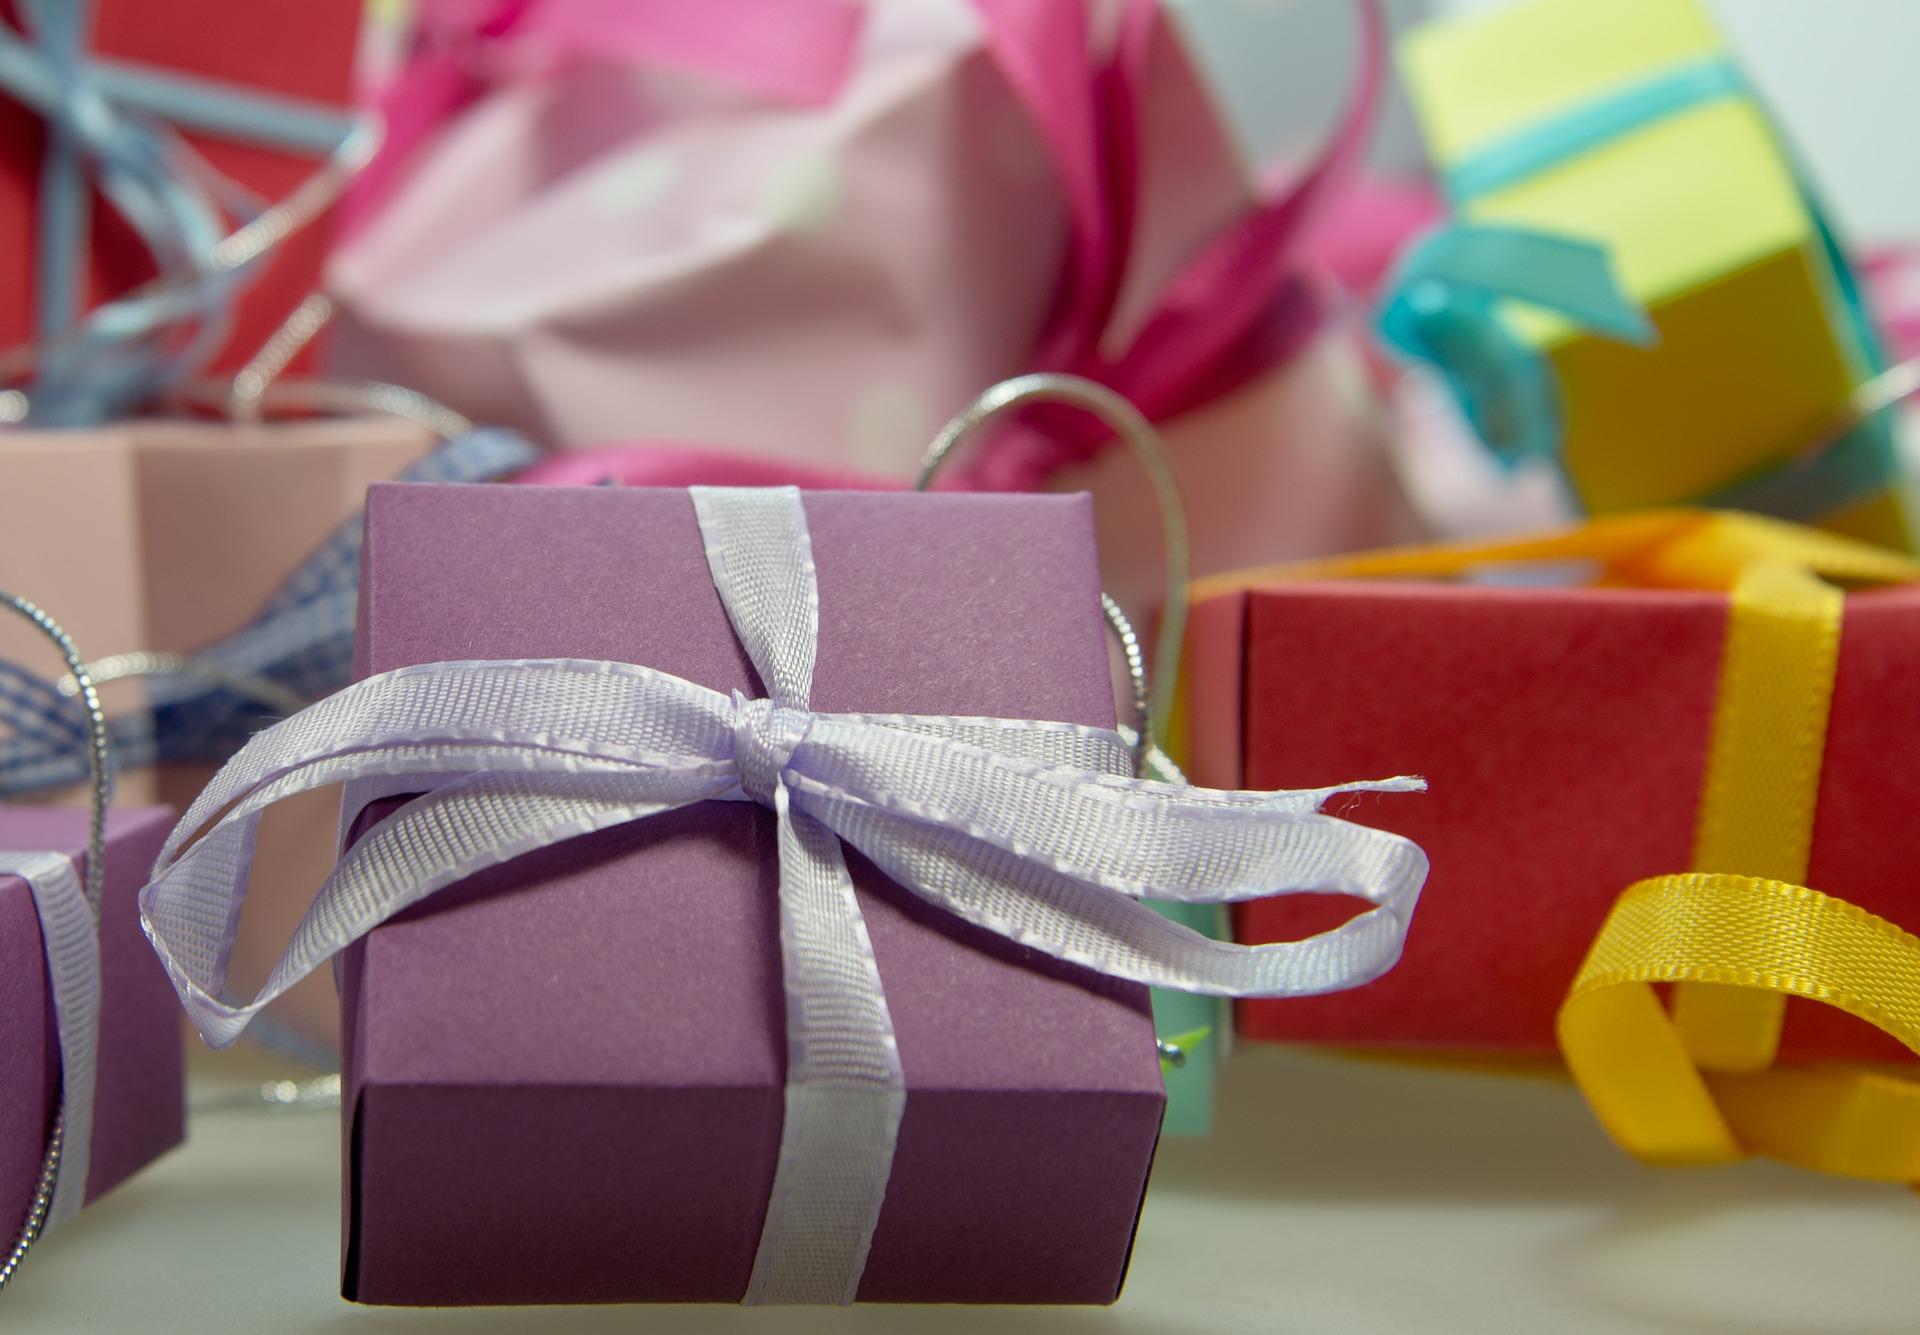 Die kleinen Freuden - Geschenke des Alltags